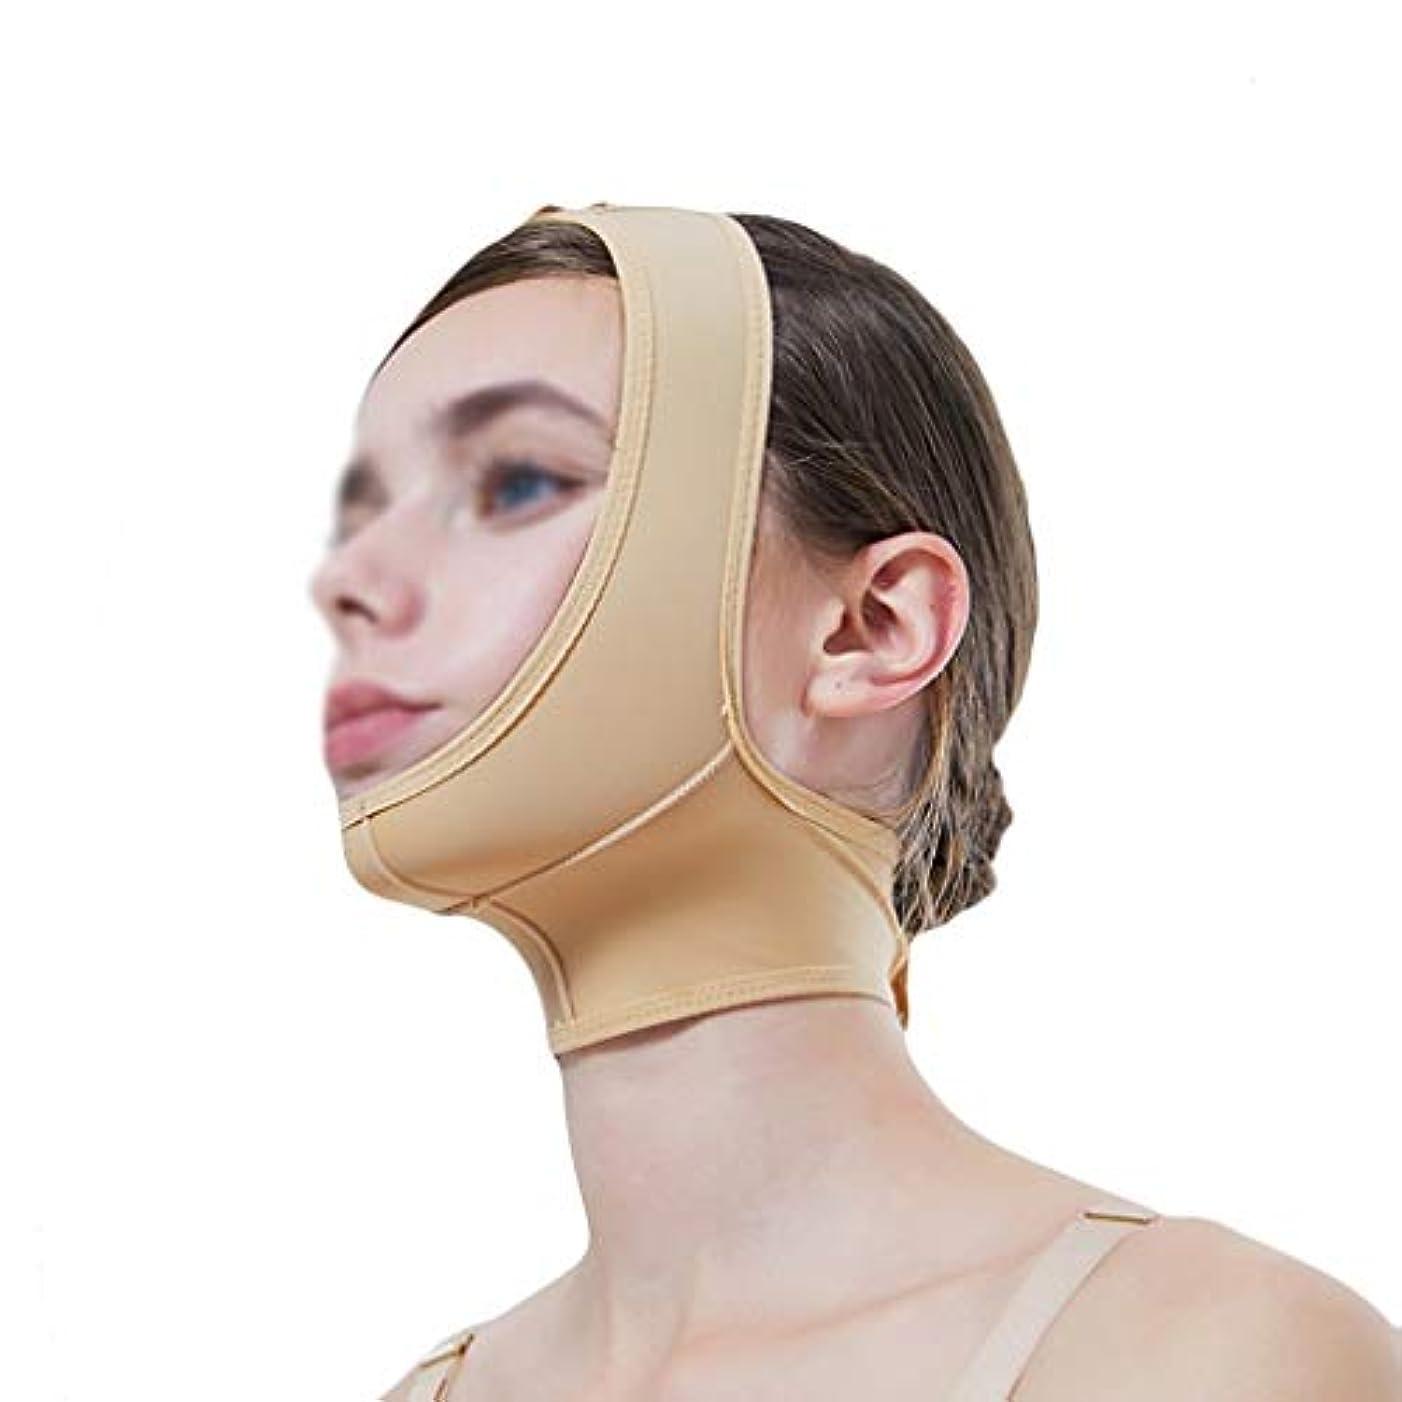 はねかける欠乏透過性マスク、超薄型ベルト、フェイスリフティングに適しています、フェイスリフティング、通気性包帯、チンリフティングベルト、超薄型ベルト、通気性 (Size : XS)